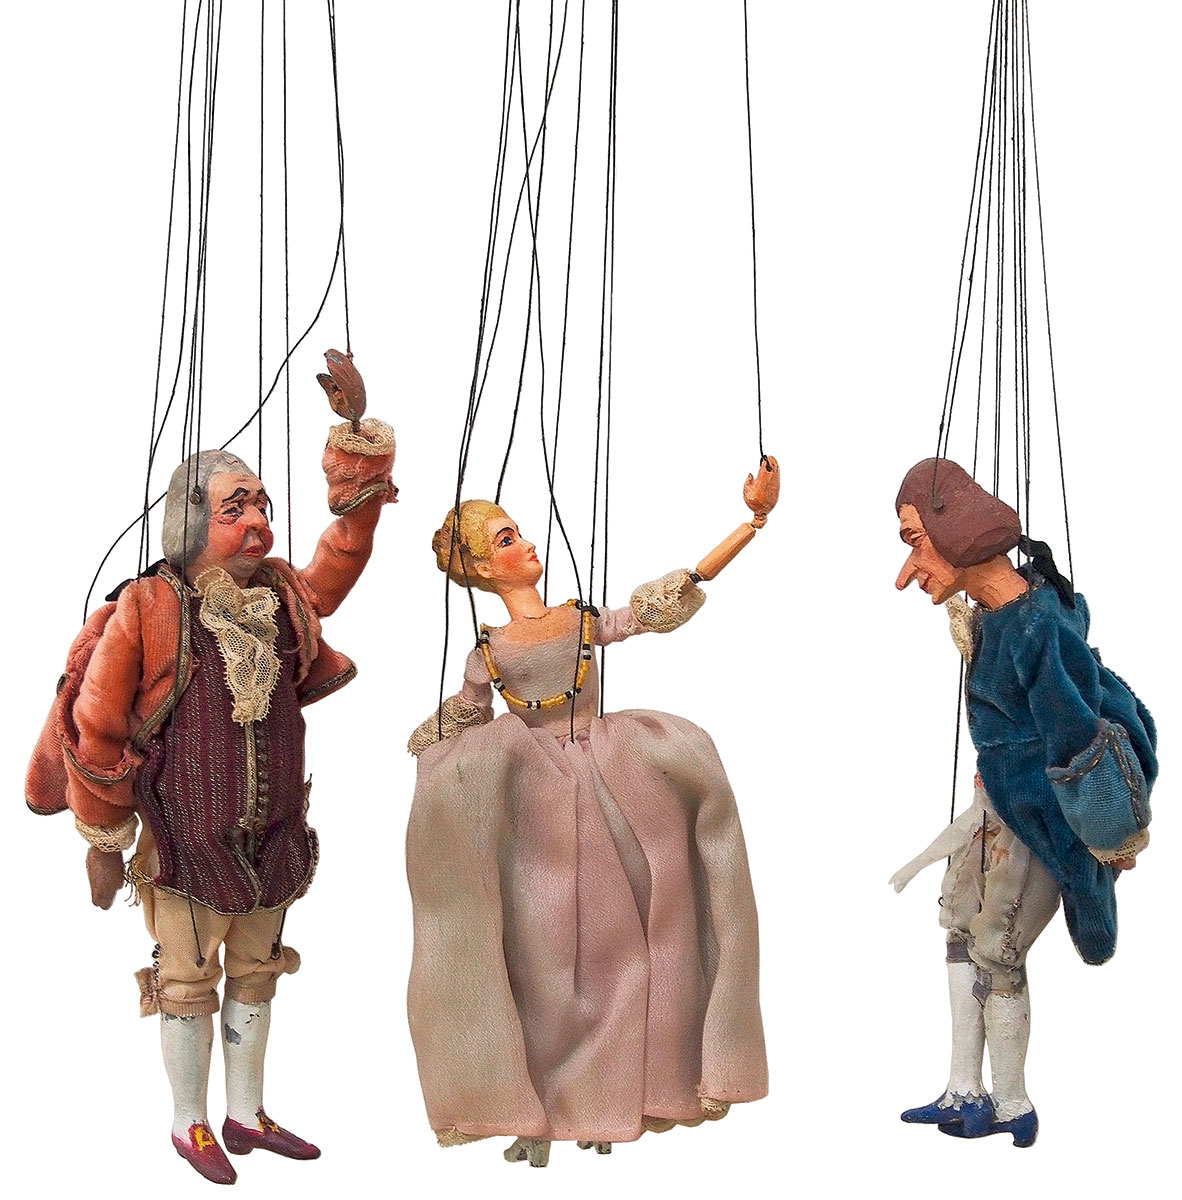 Herzog und Prinzessin, Marionetten von 1928, geschnitzt von Walter Oberholzer nach Entwürfen des Mainzer Malers Hans Kohl für Grimms Märchen